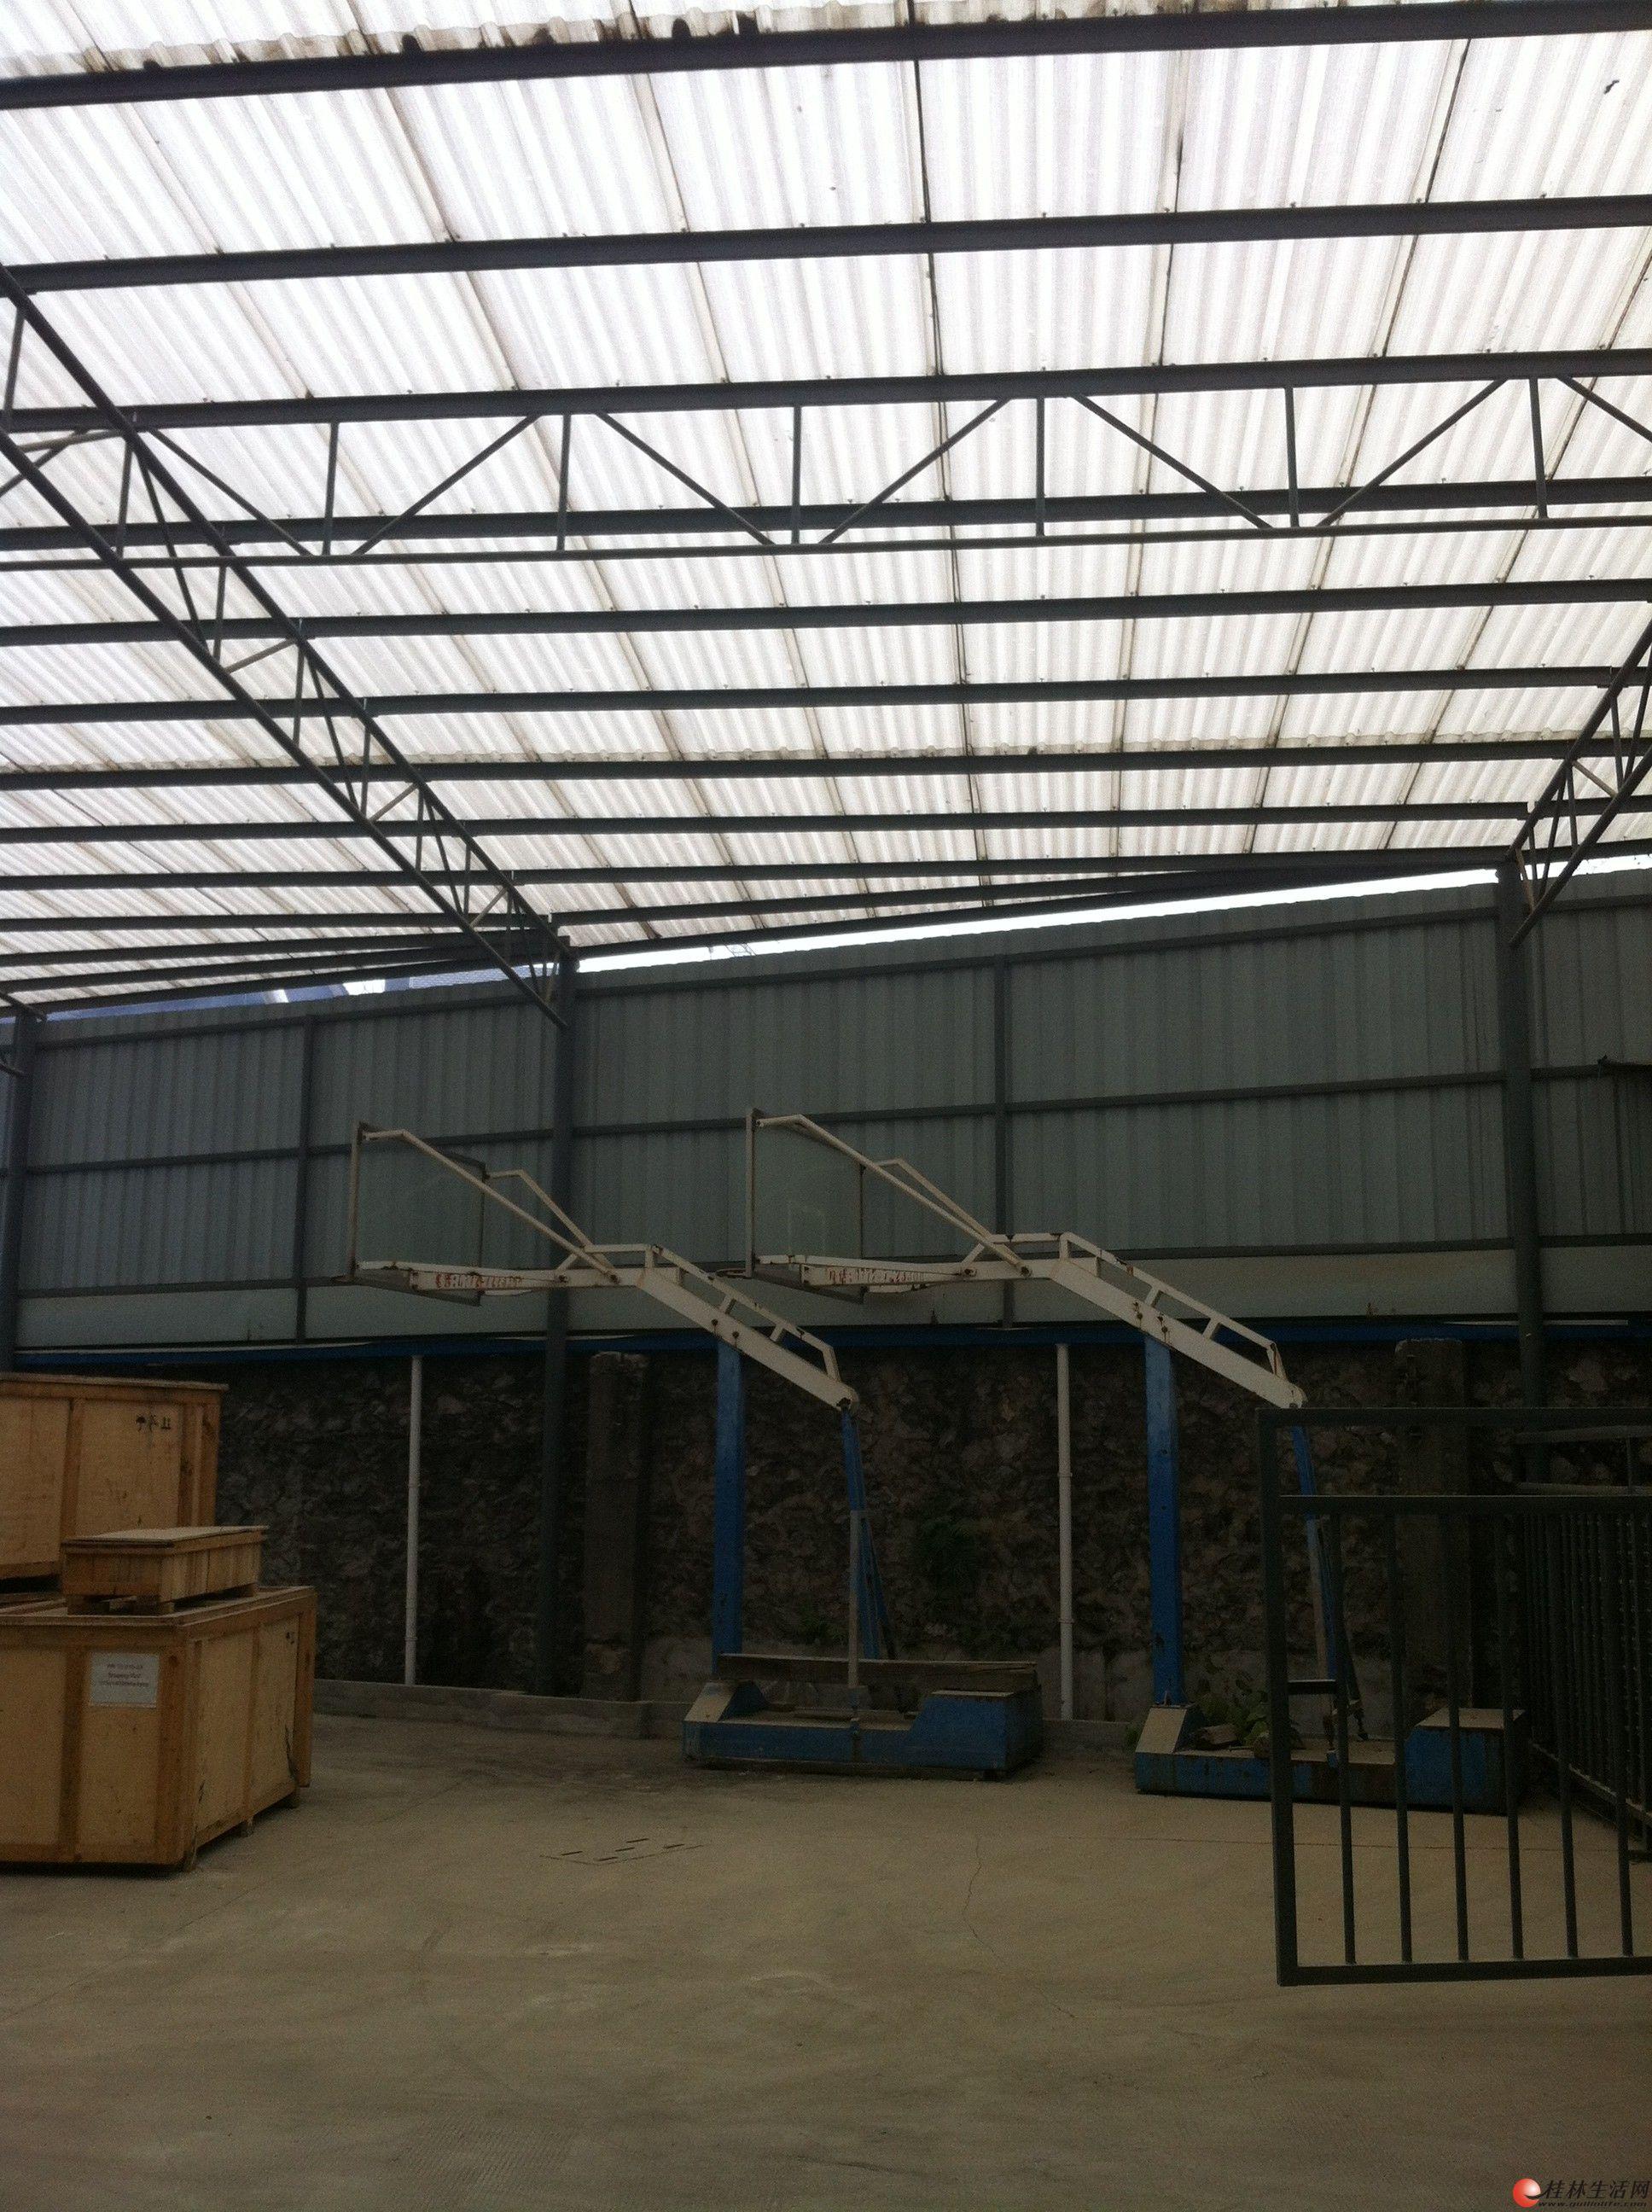 专业制作钢架结构   楼面雨棚,停车棚,彩钢瓦厂房及